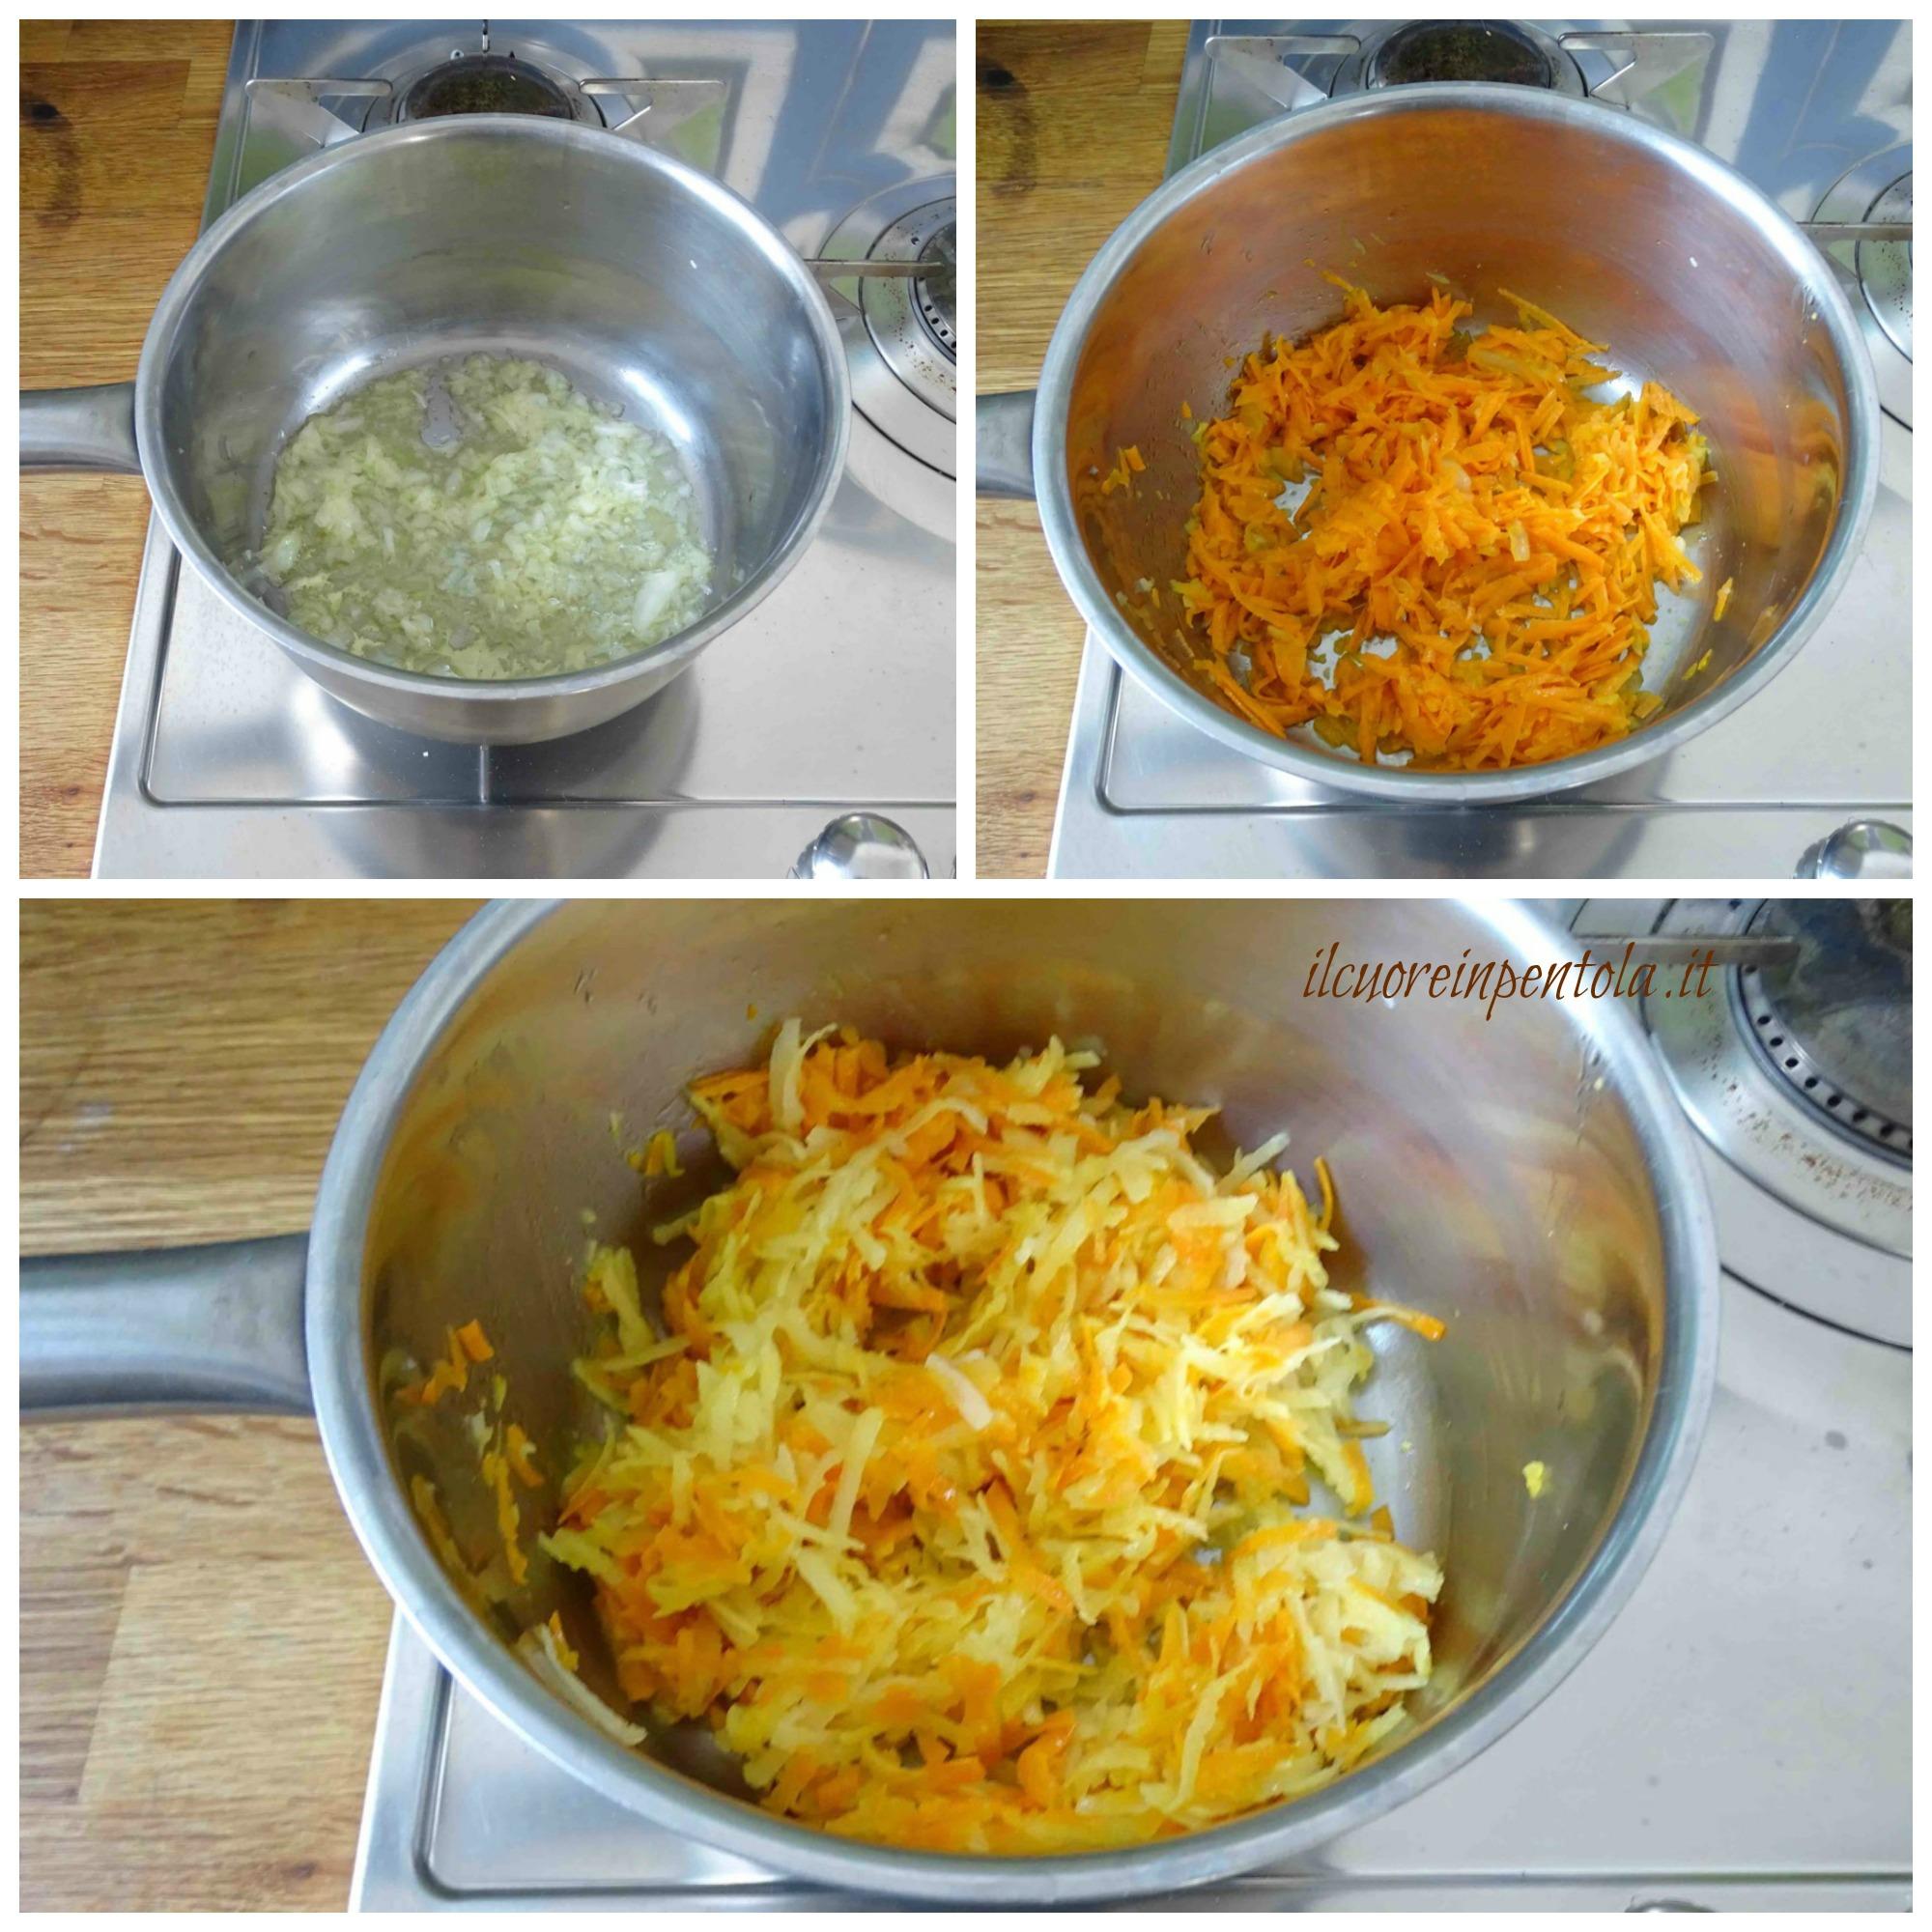 preparare soffritto e grattugiare verdure